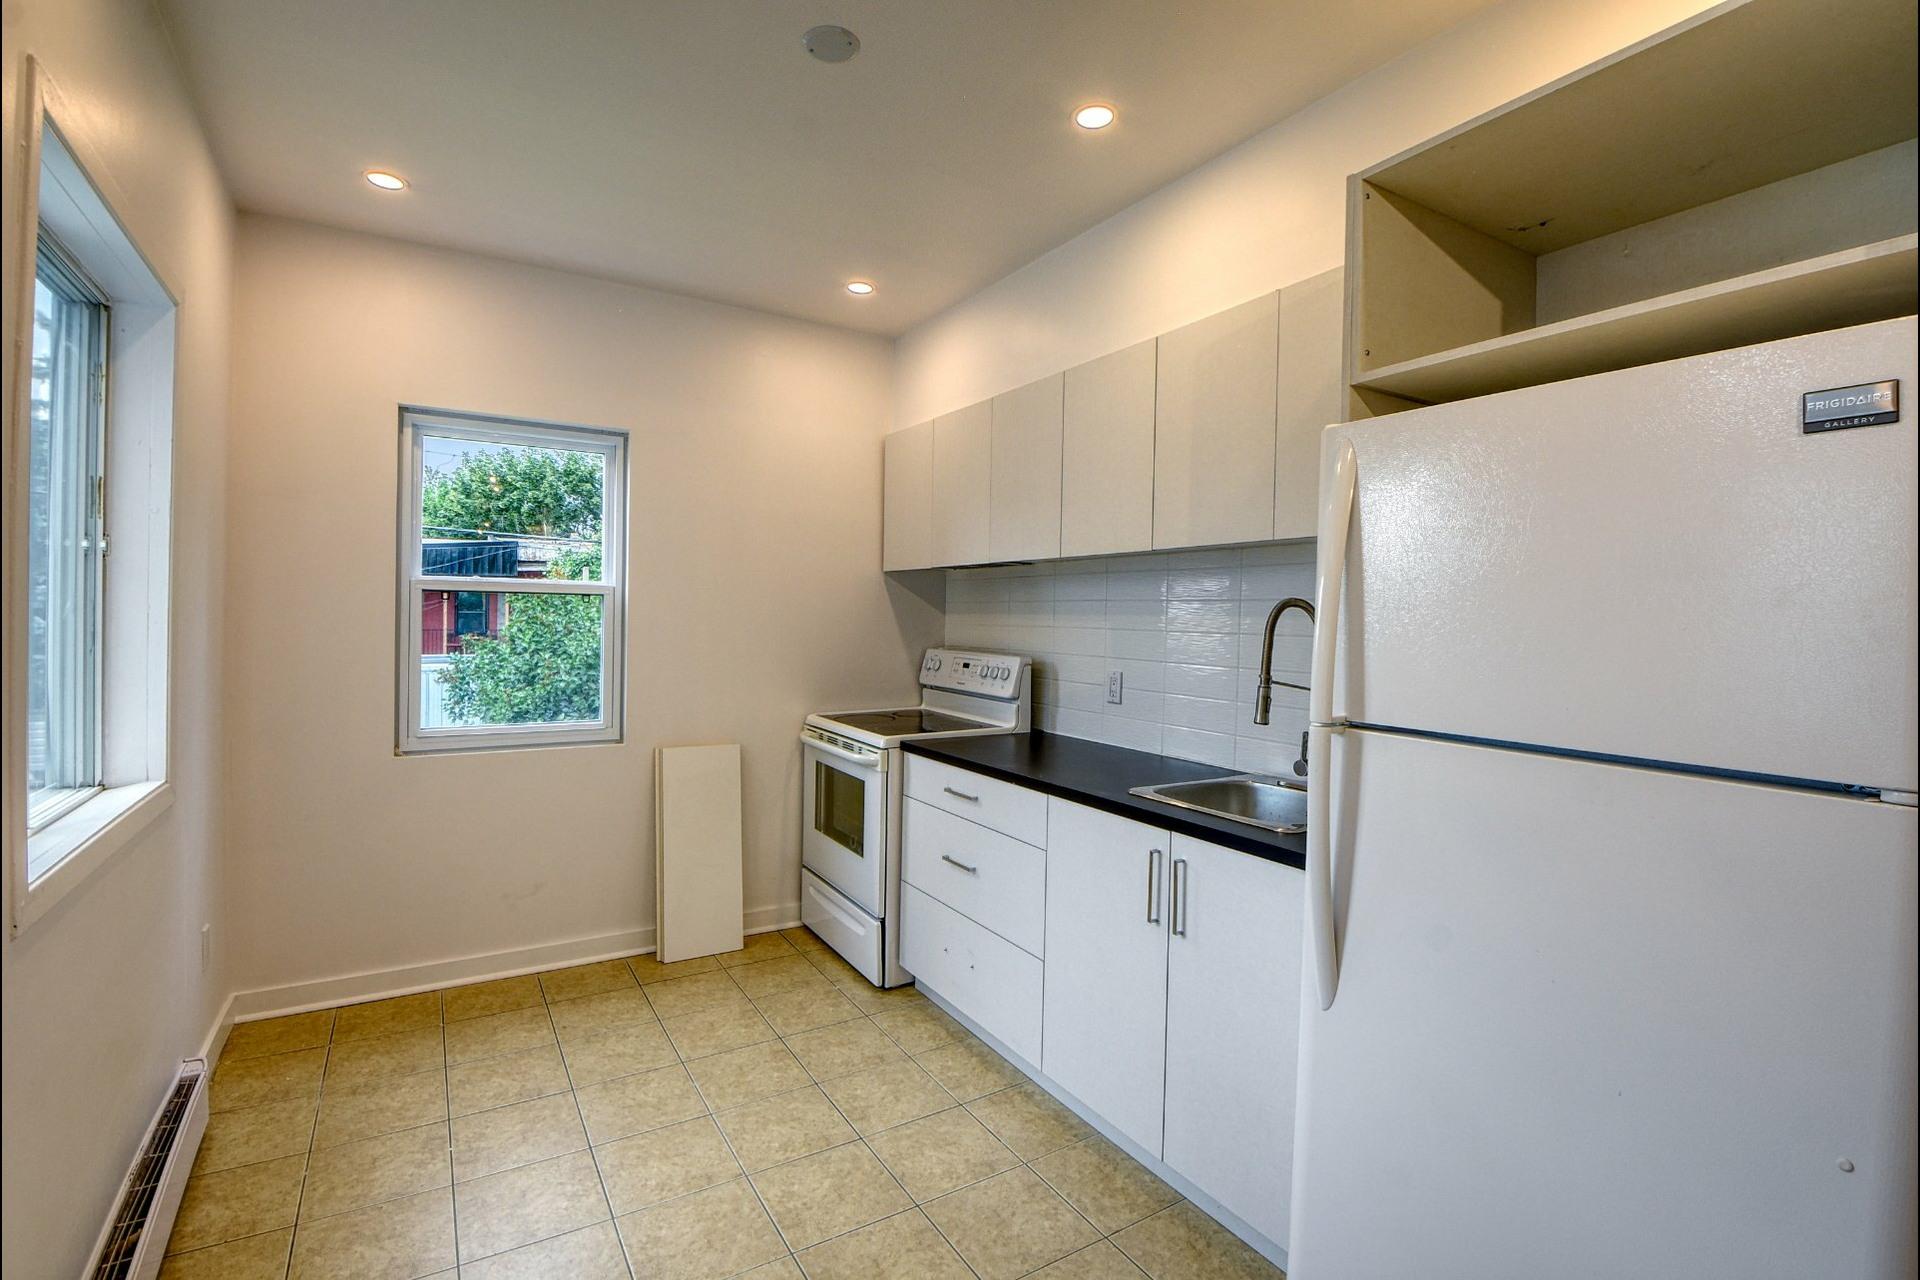 image 1 - Appartement À louer Le Plateau-Mont-Royal Montréal  - 6 pièces